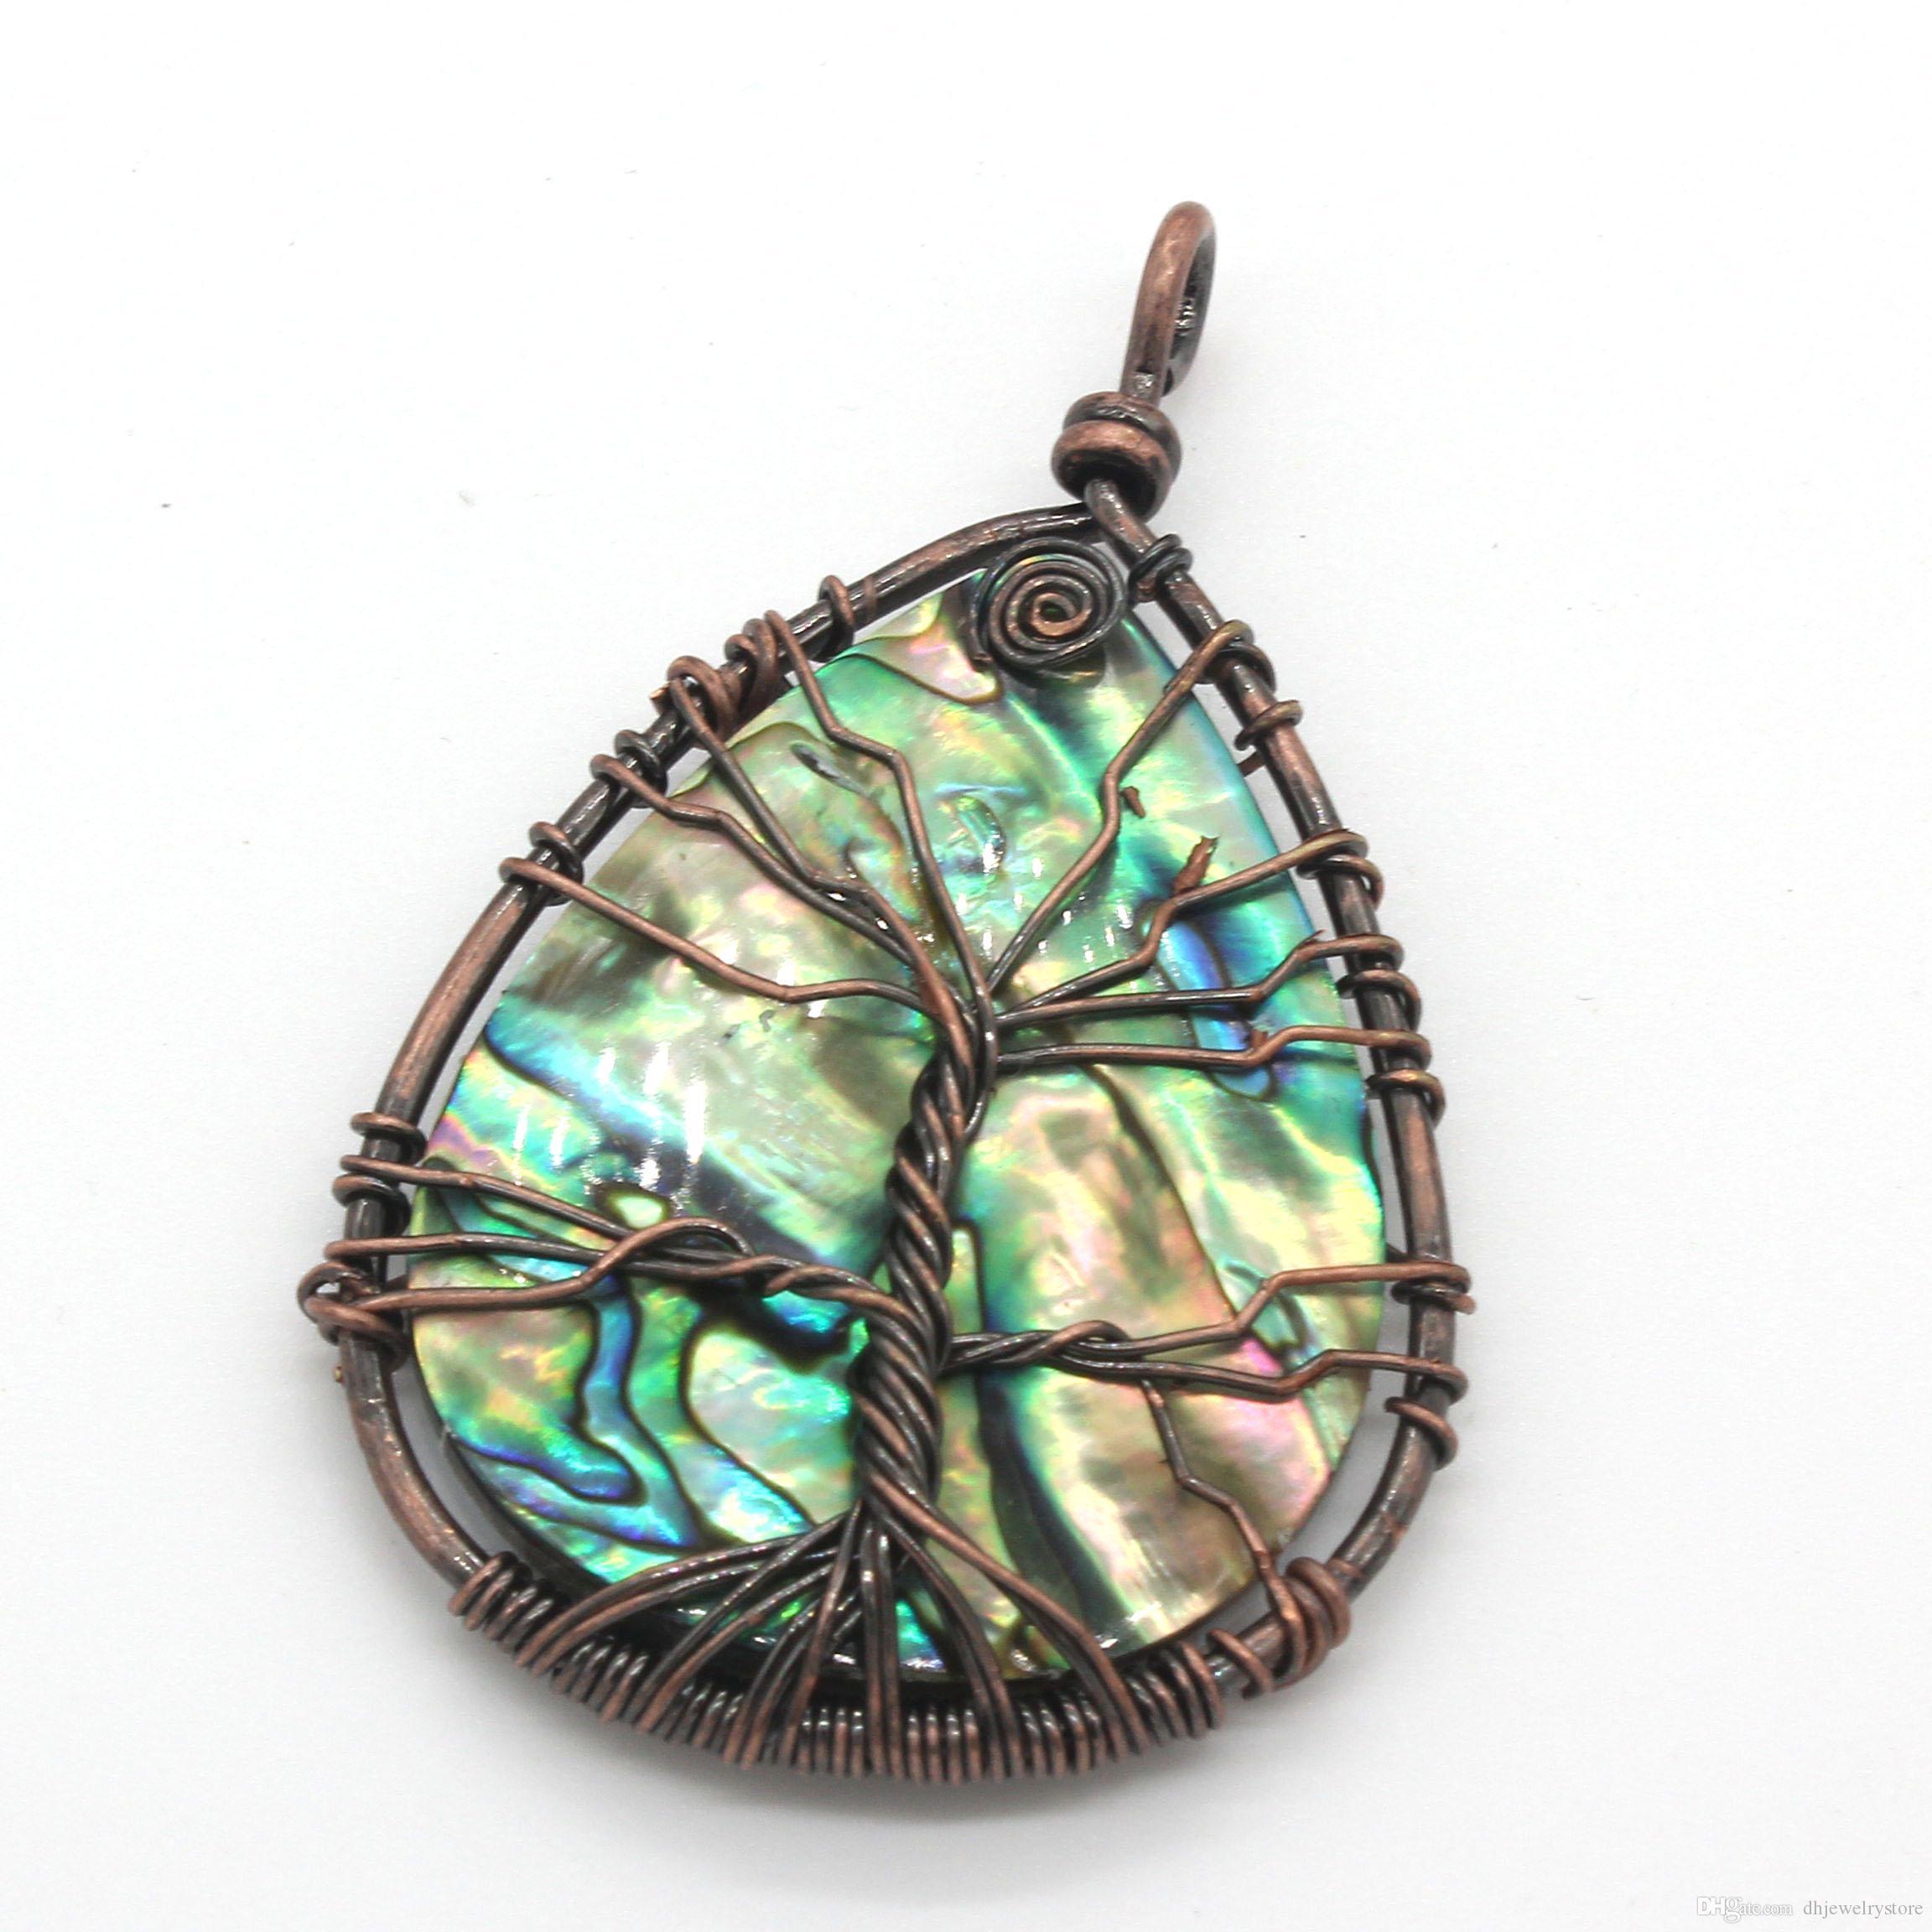 Commercio all'ingrosso 10 pezzi popolare filo di rame avvolgere goccia d'acqua naturale abalone shell gioielli moda regalo